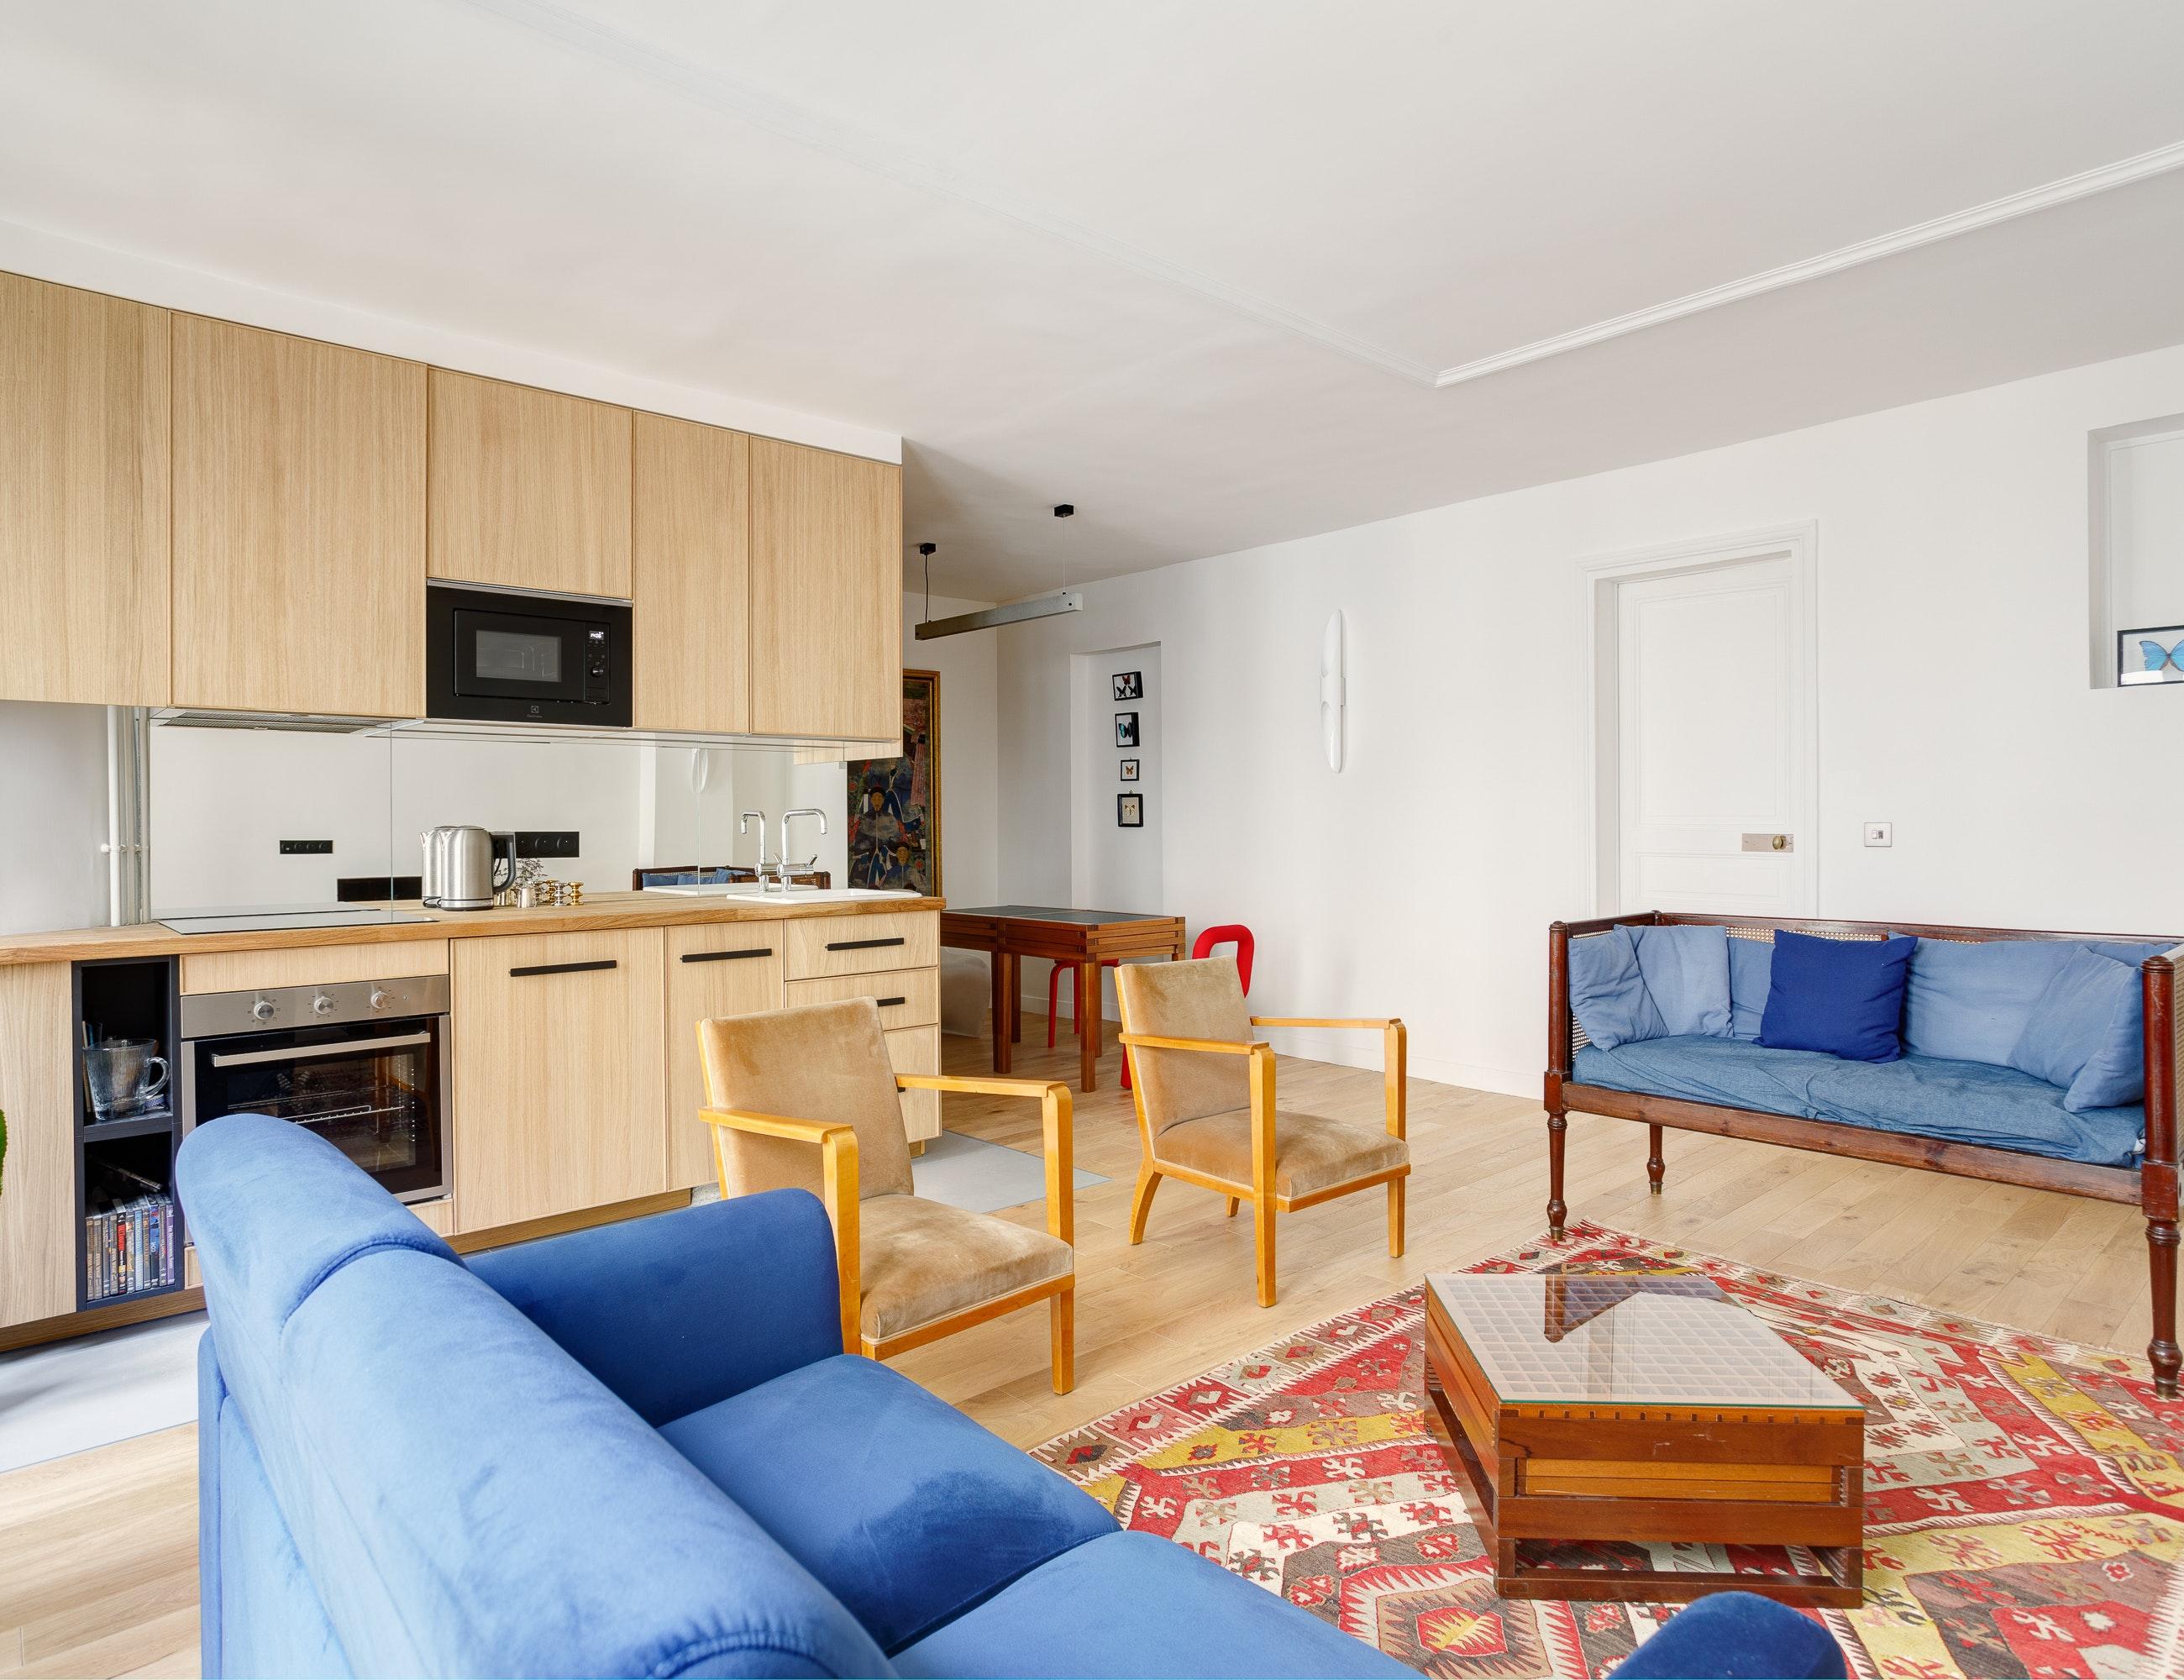 photo Rénovation d'appartement - Rue Lacharière BVJ Rénovation